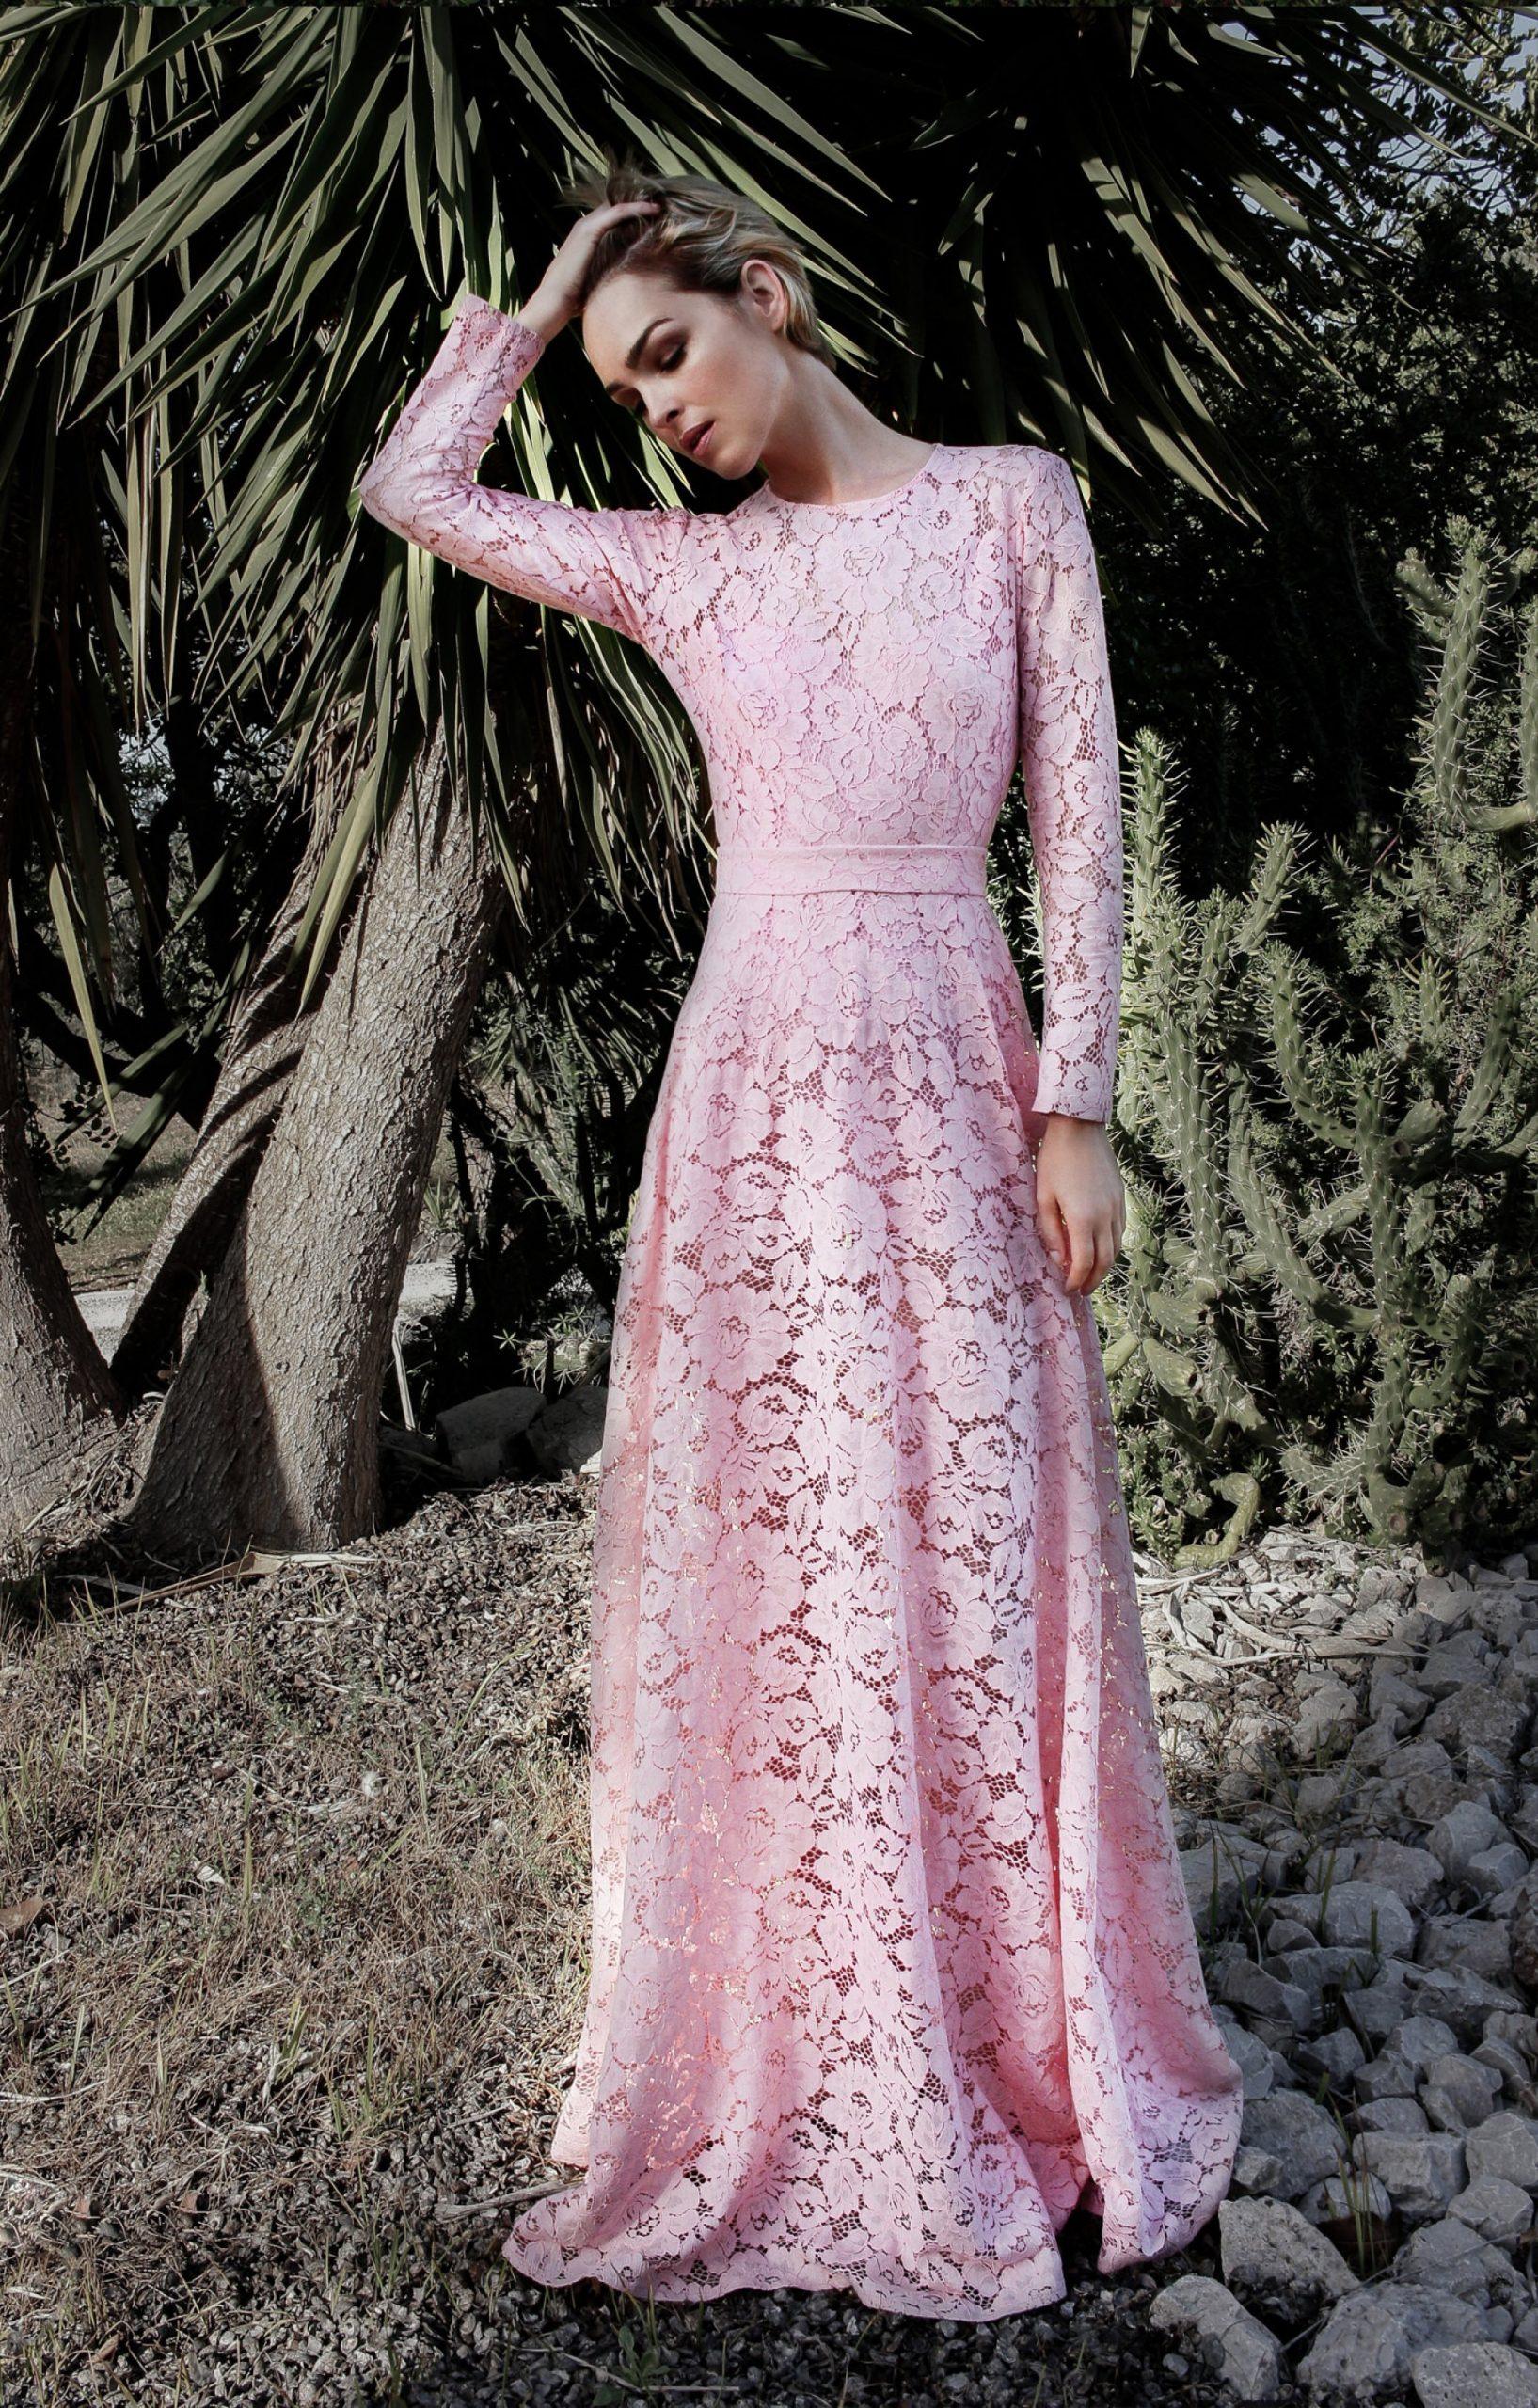 Abend Perfekt Rosa Kleid Mit Ärmeln Vertrieb Großartig Rosa Kleid Mit Ärmeln Vertrieb